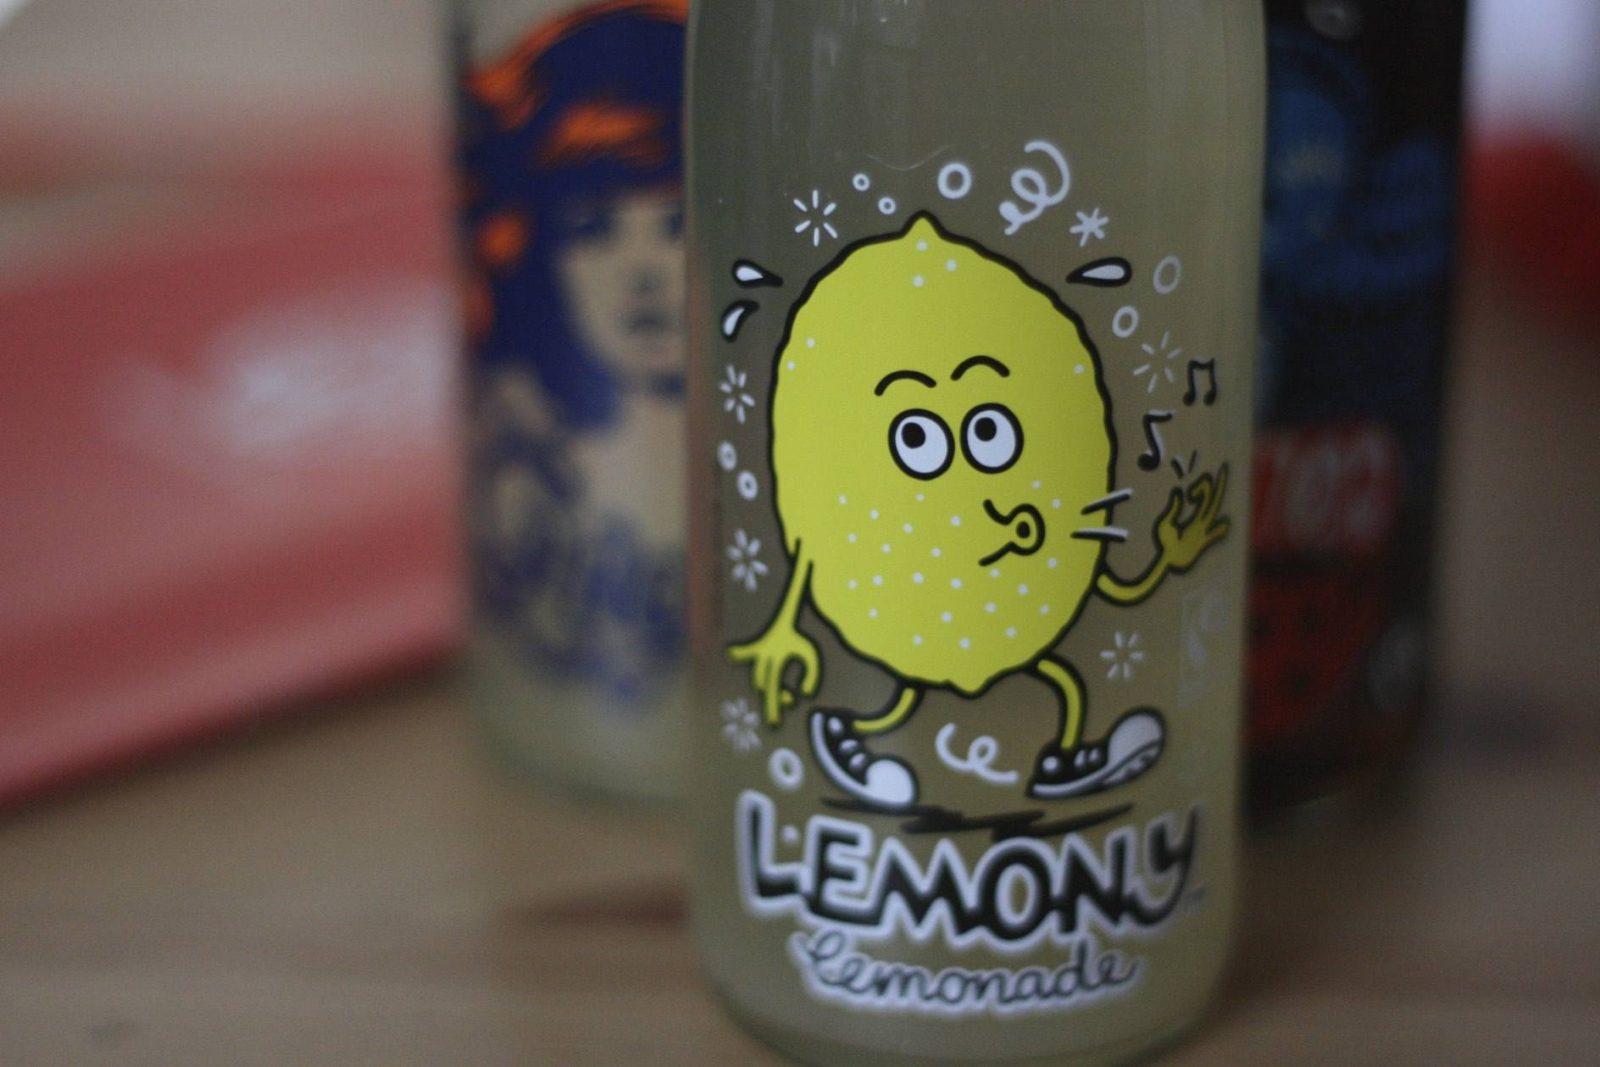 Karma Cola review - Lemon-y Lemonade